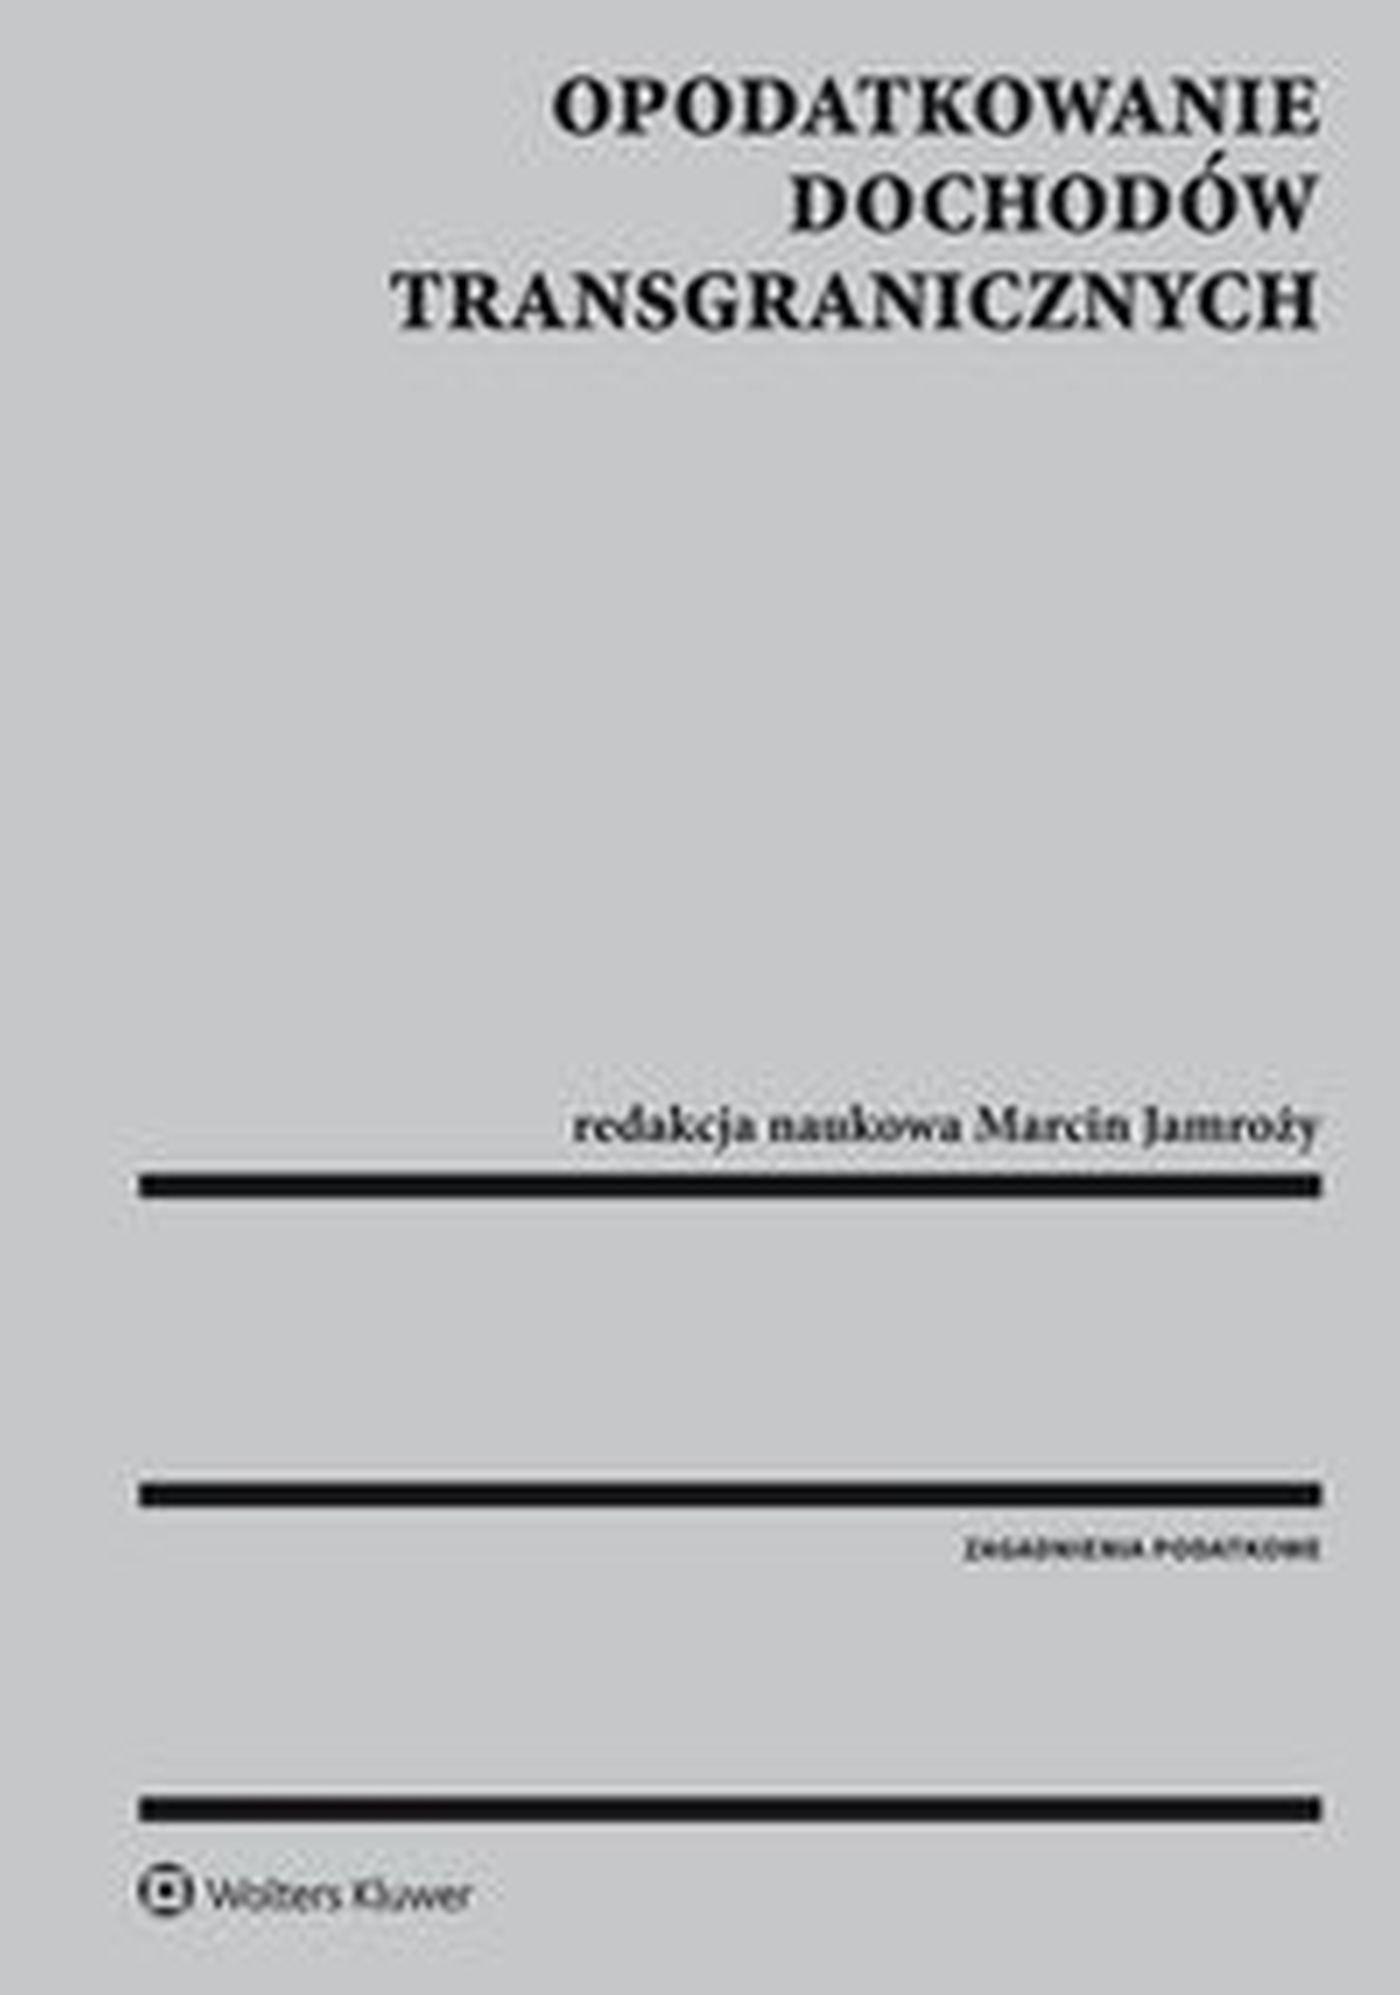 Opodatkowanie dochodów transgranicznych - Ebook (Książka EPUB) do pobrania w formacie EPUB